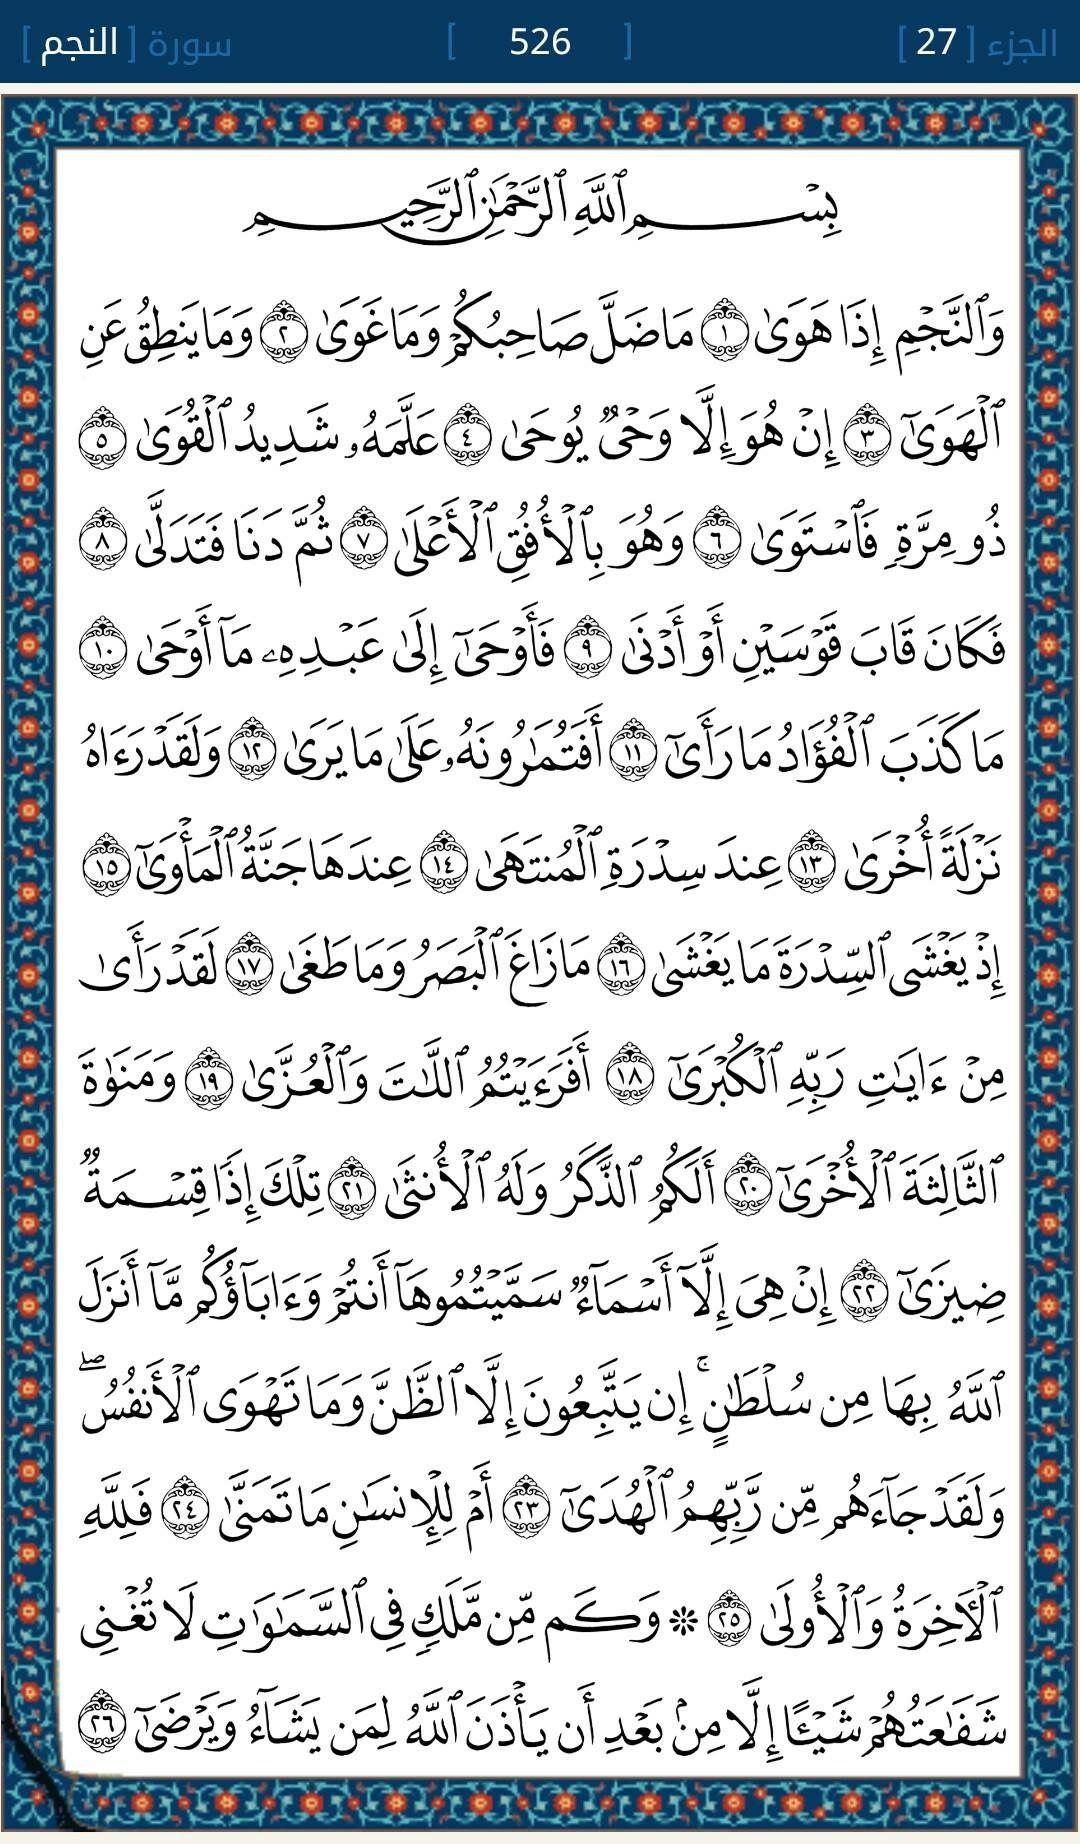 ١ ٢٦ النجم Quran Verses Holy Quran Book Quran Book